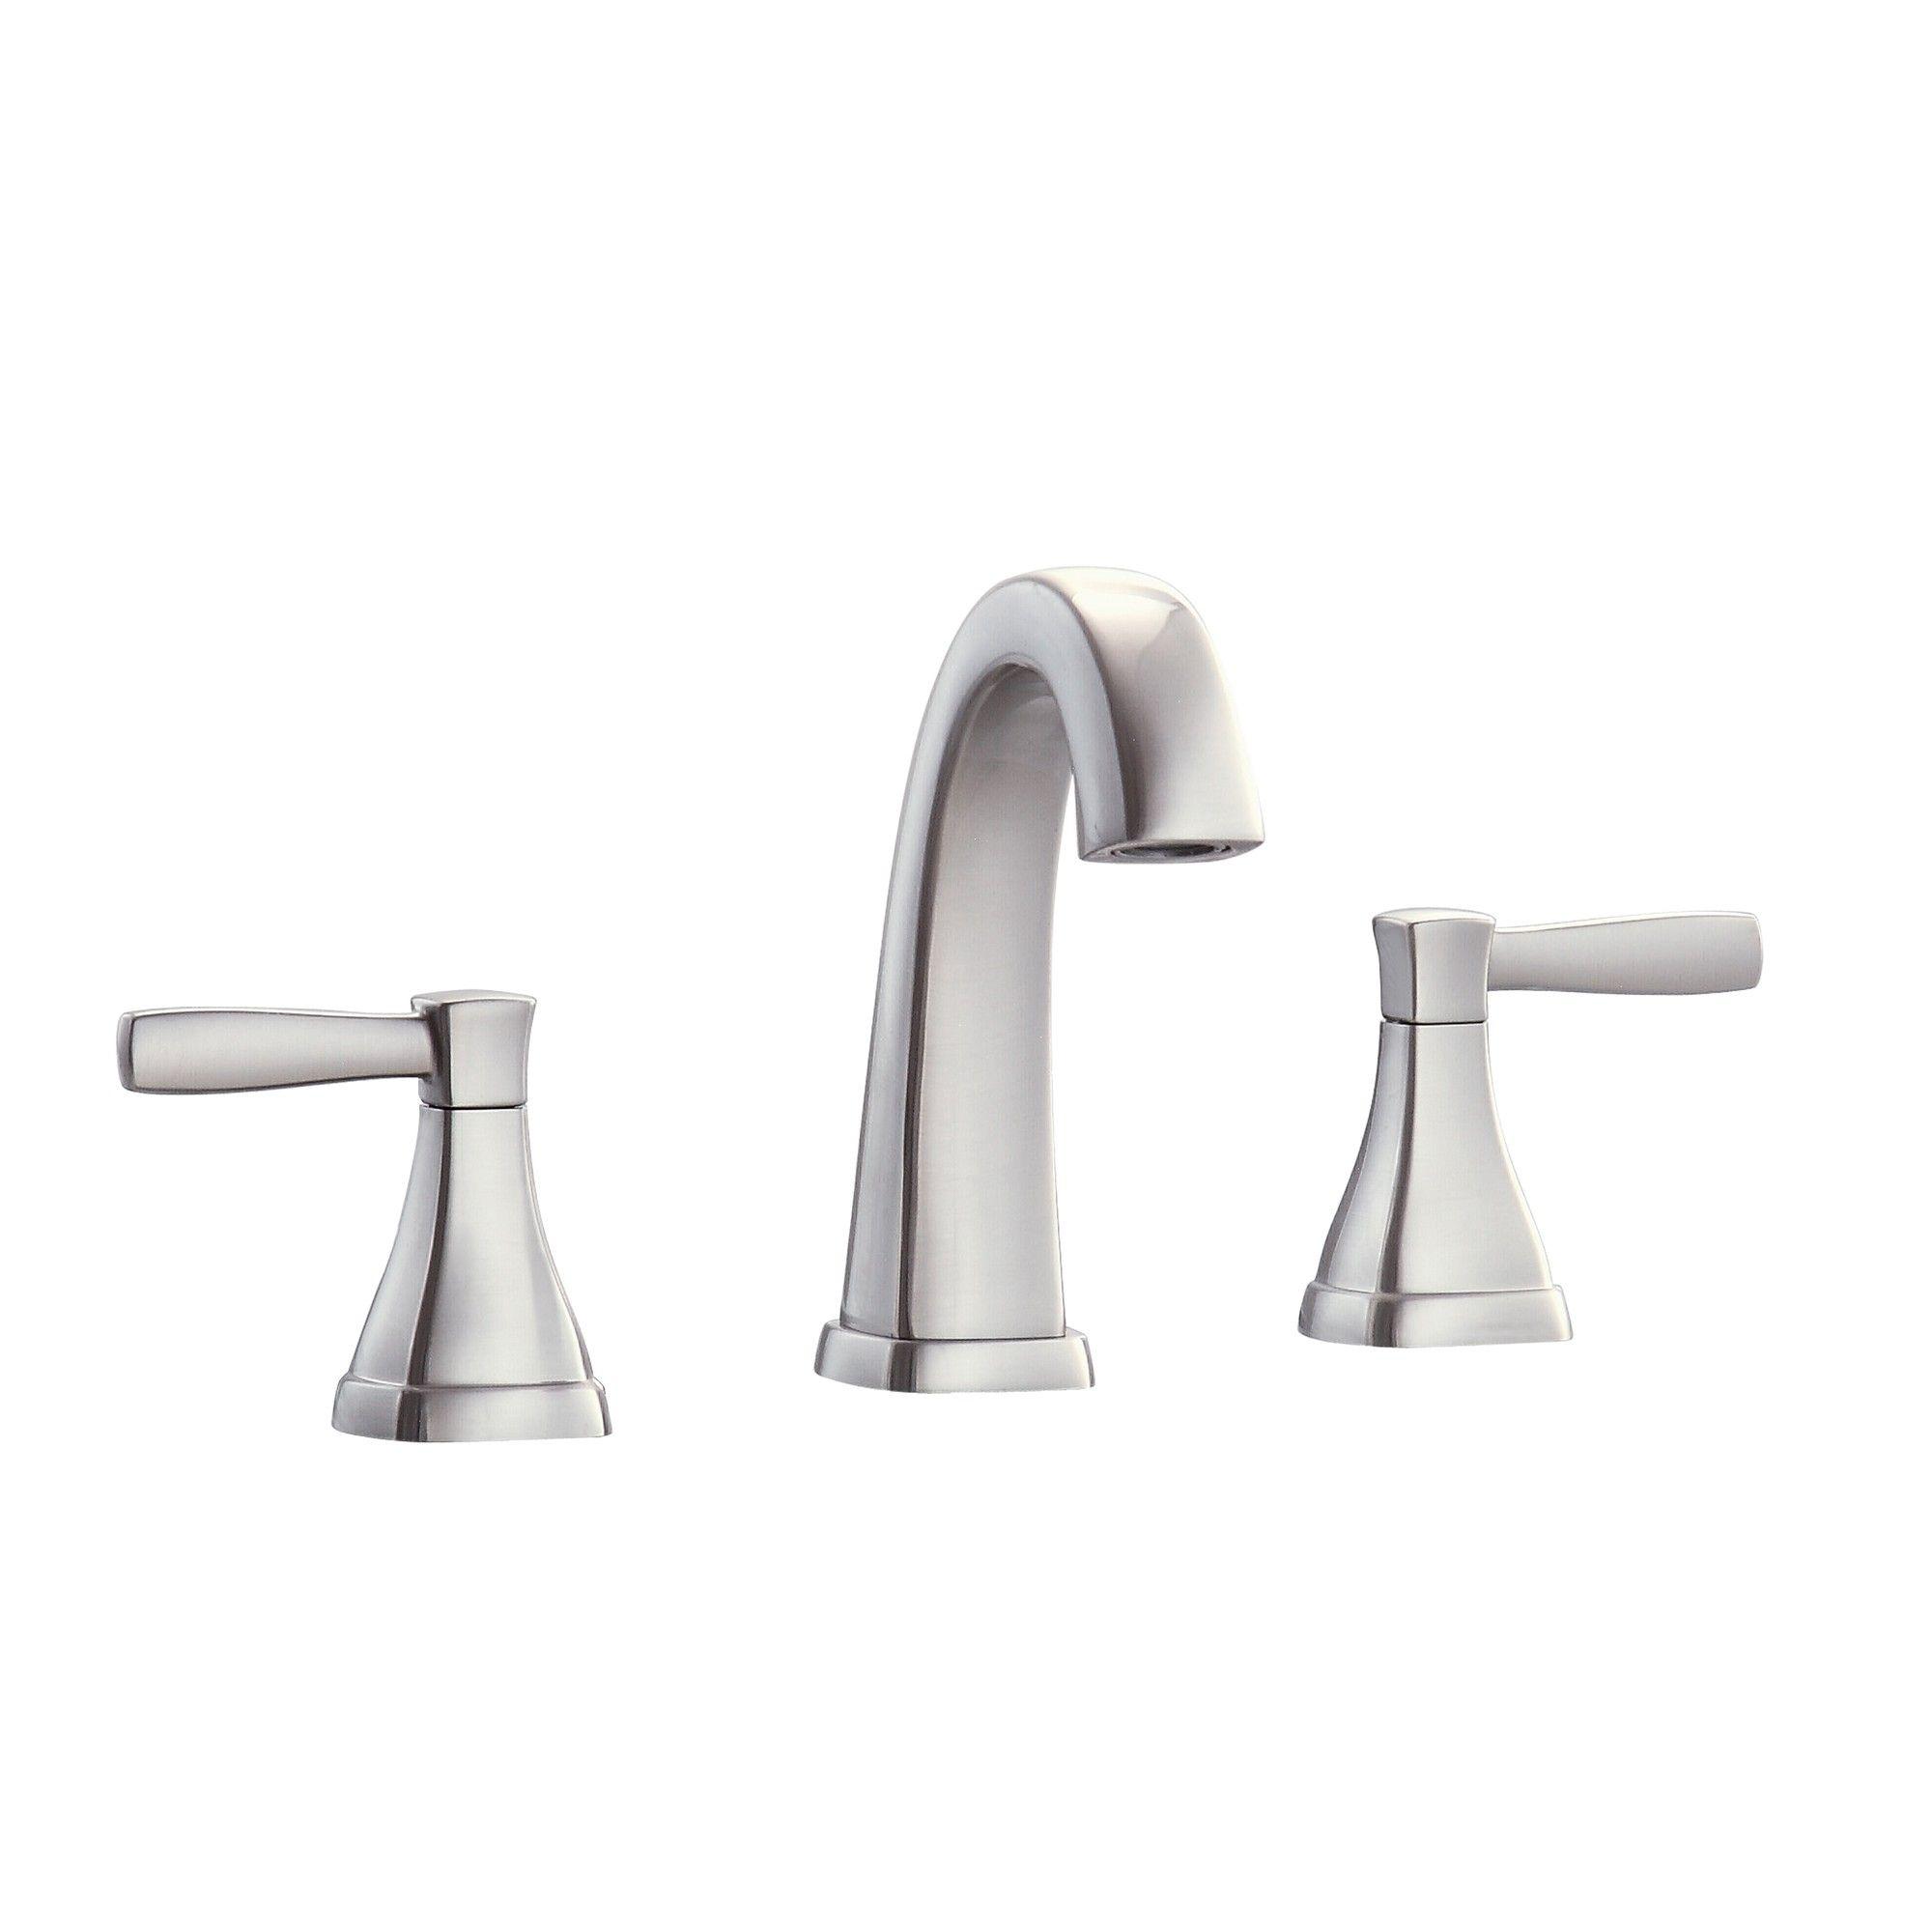 210 Widespread Bathroom Faucets Ideas, Bathroom Faucets Widespread Brushed Nickel